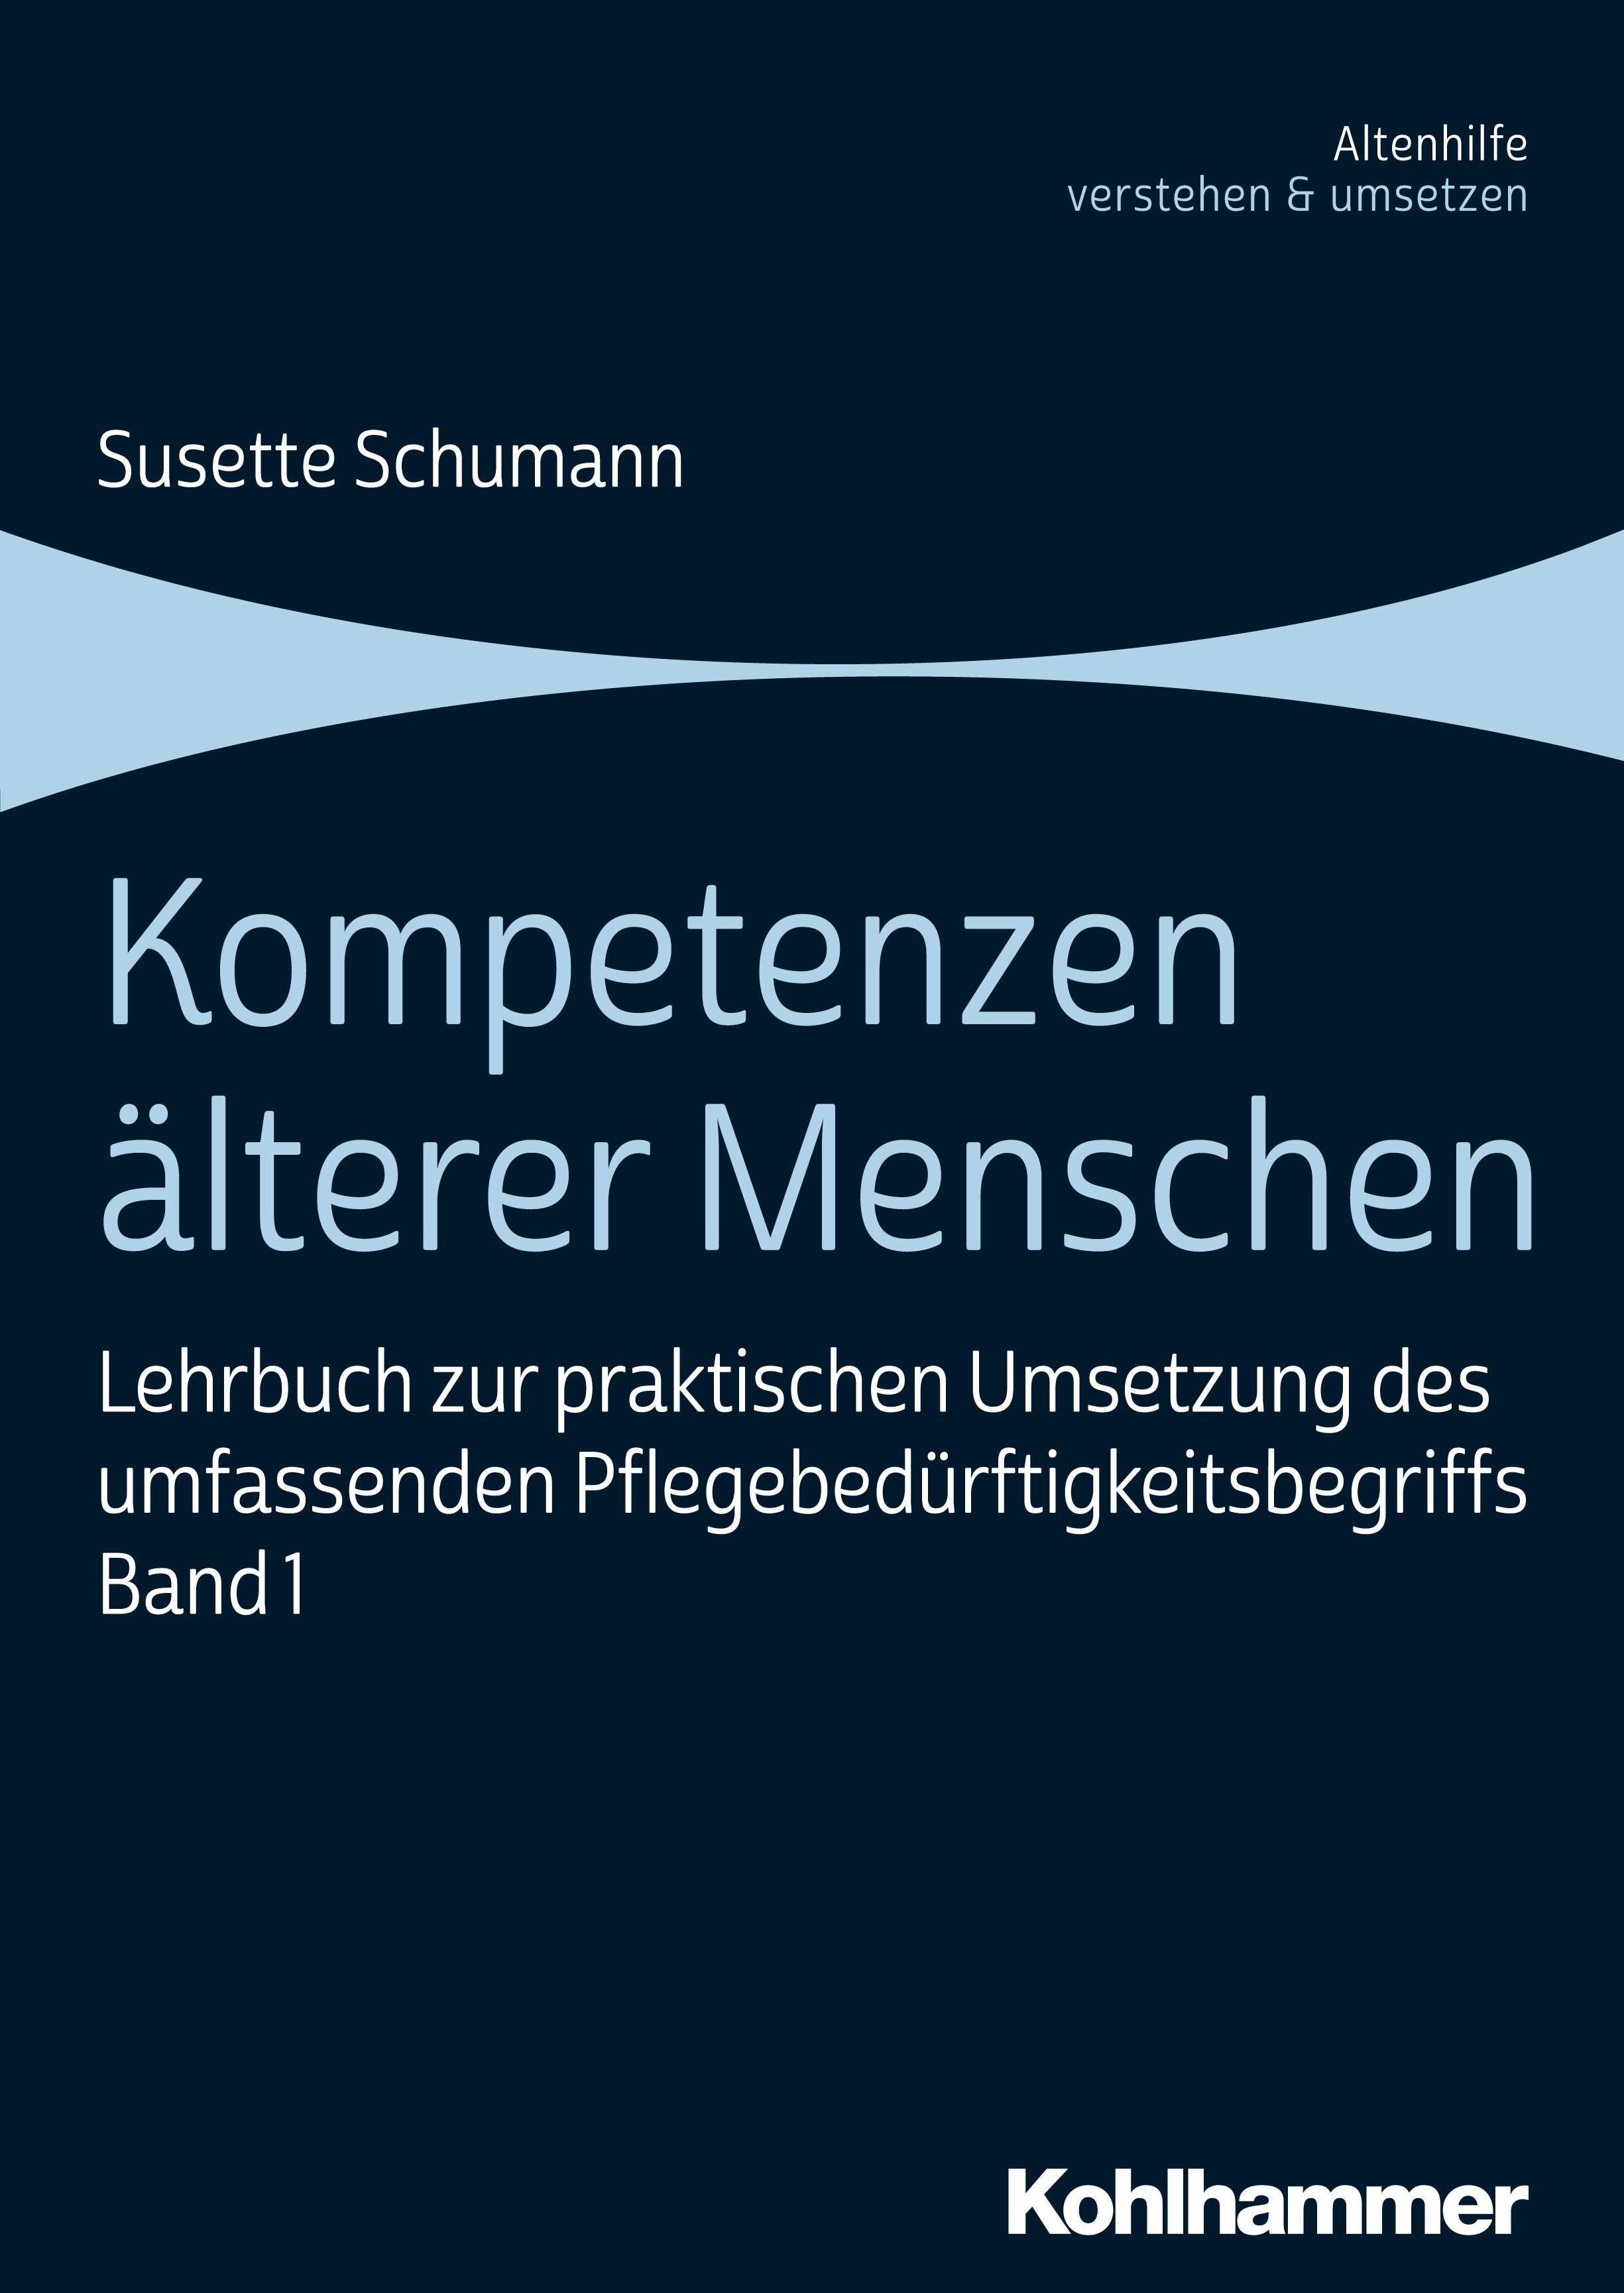 цена на Susette Schumann Kompetenzen älterer Menschen